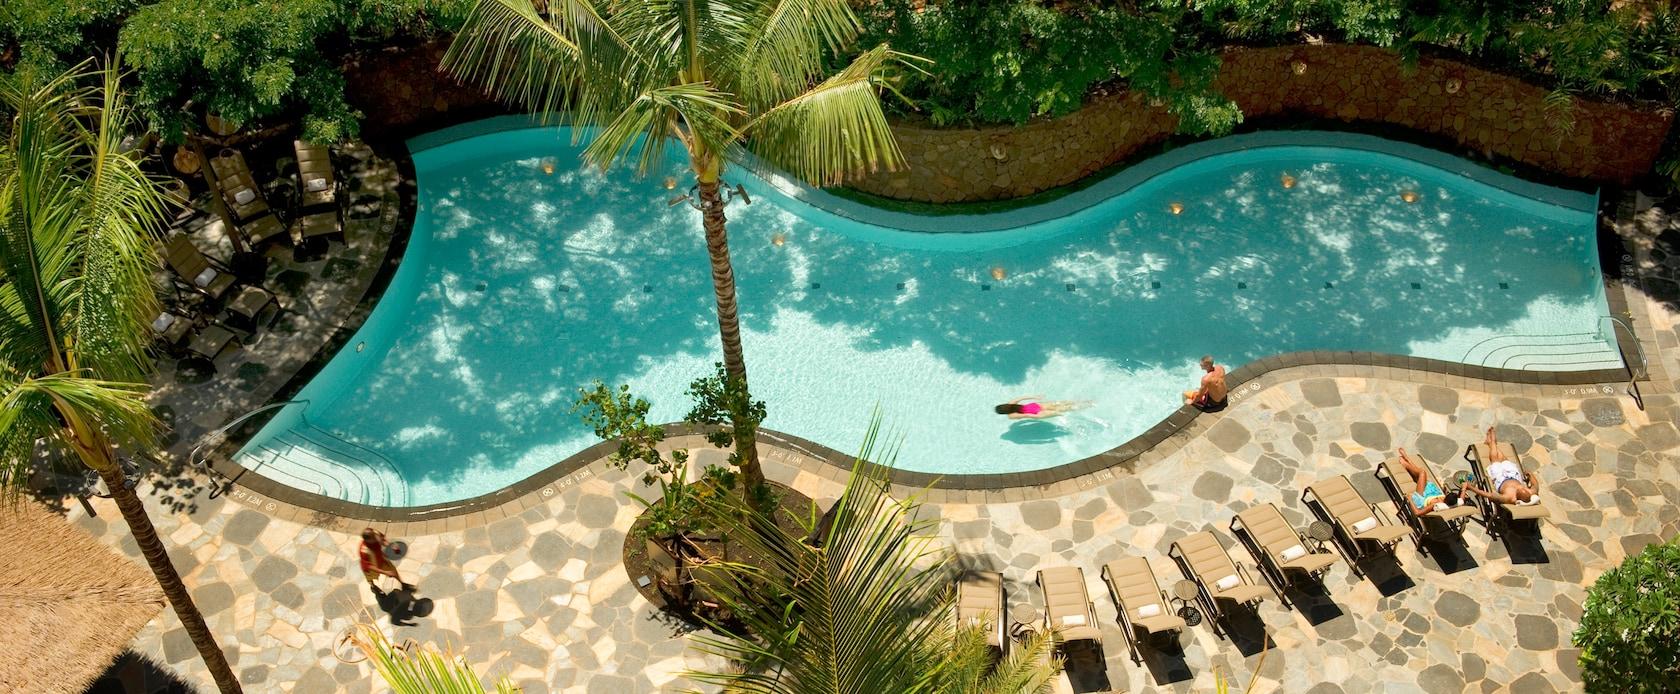 Aulani perde piscina exclusiva para adultos